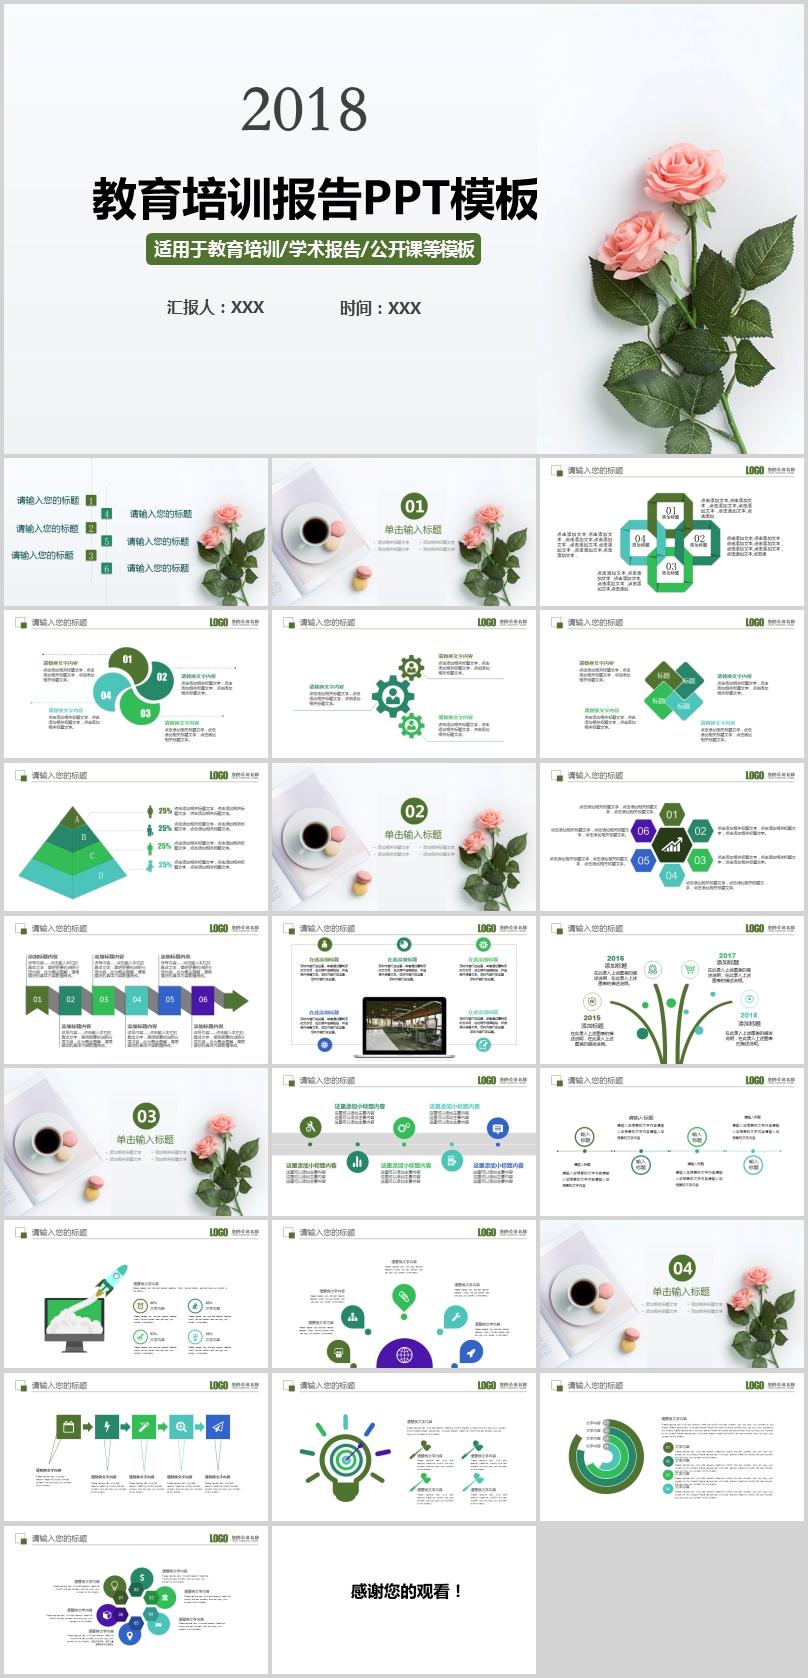 清新玫瑰花教育教学培训报告PPT模板下载–演界网